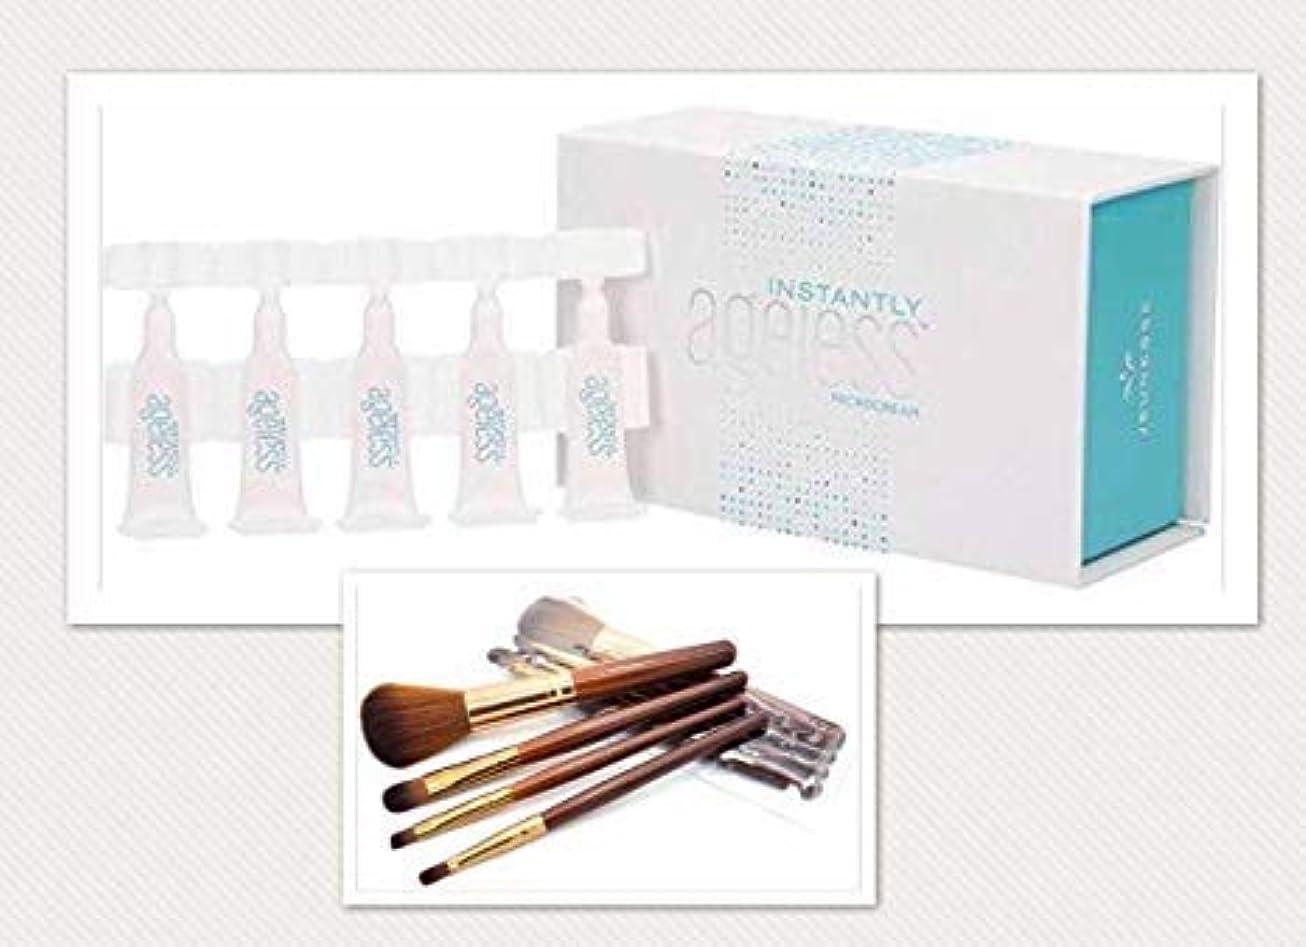 裁定談話彫刻家Jeunesse Instantly Ageless 25 Vials. with 4 FREE travel size makeup brushes and case【並行輸入品】メイクブラシ4本付き